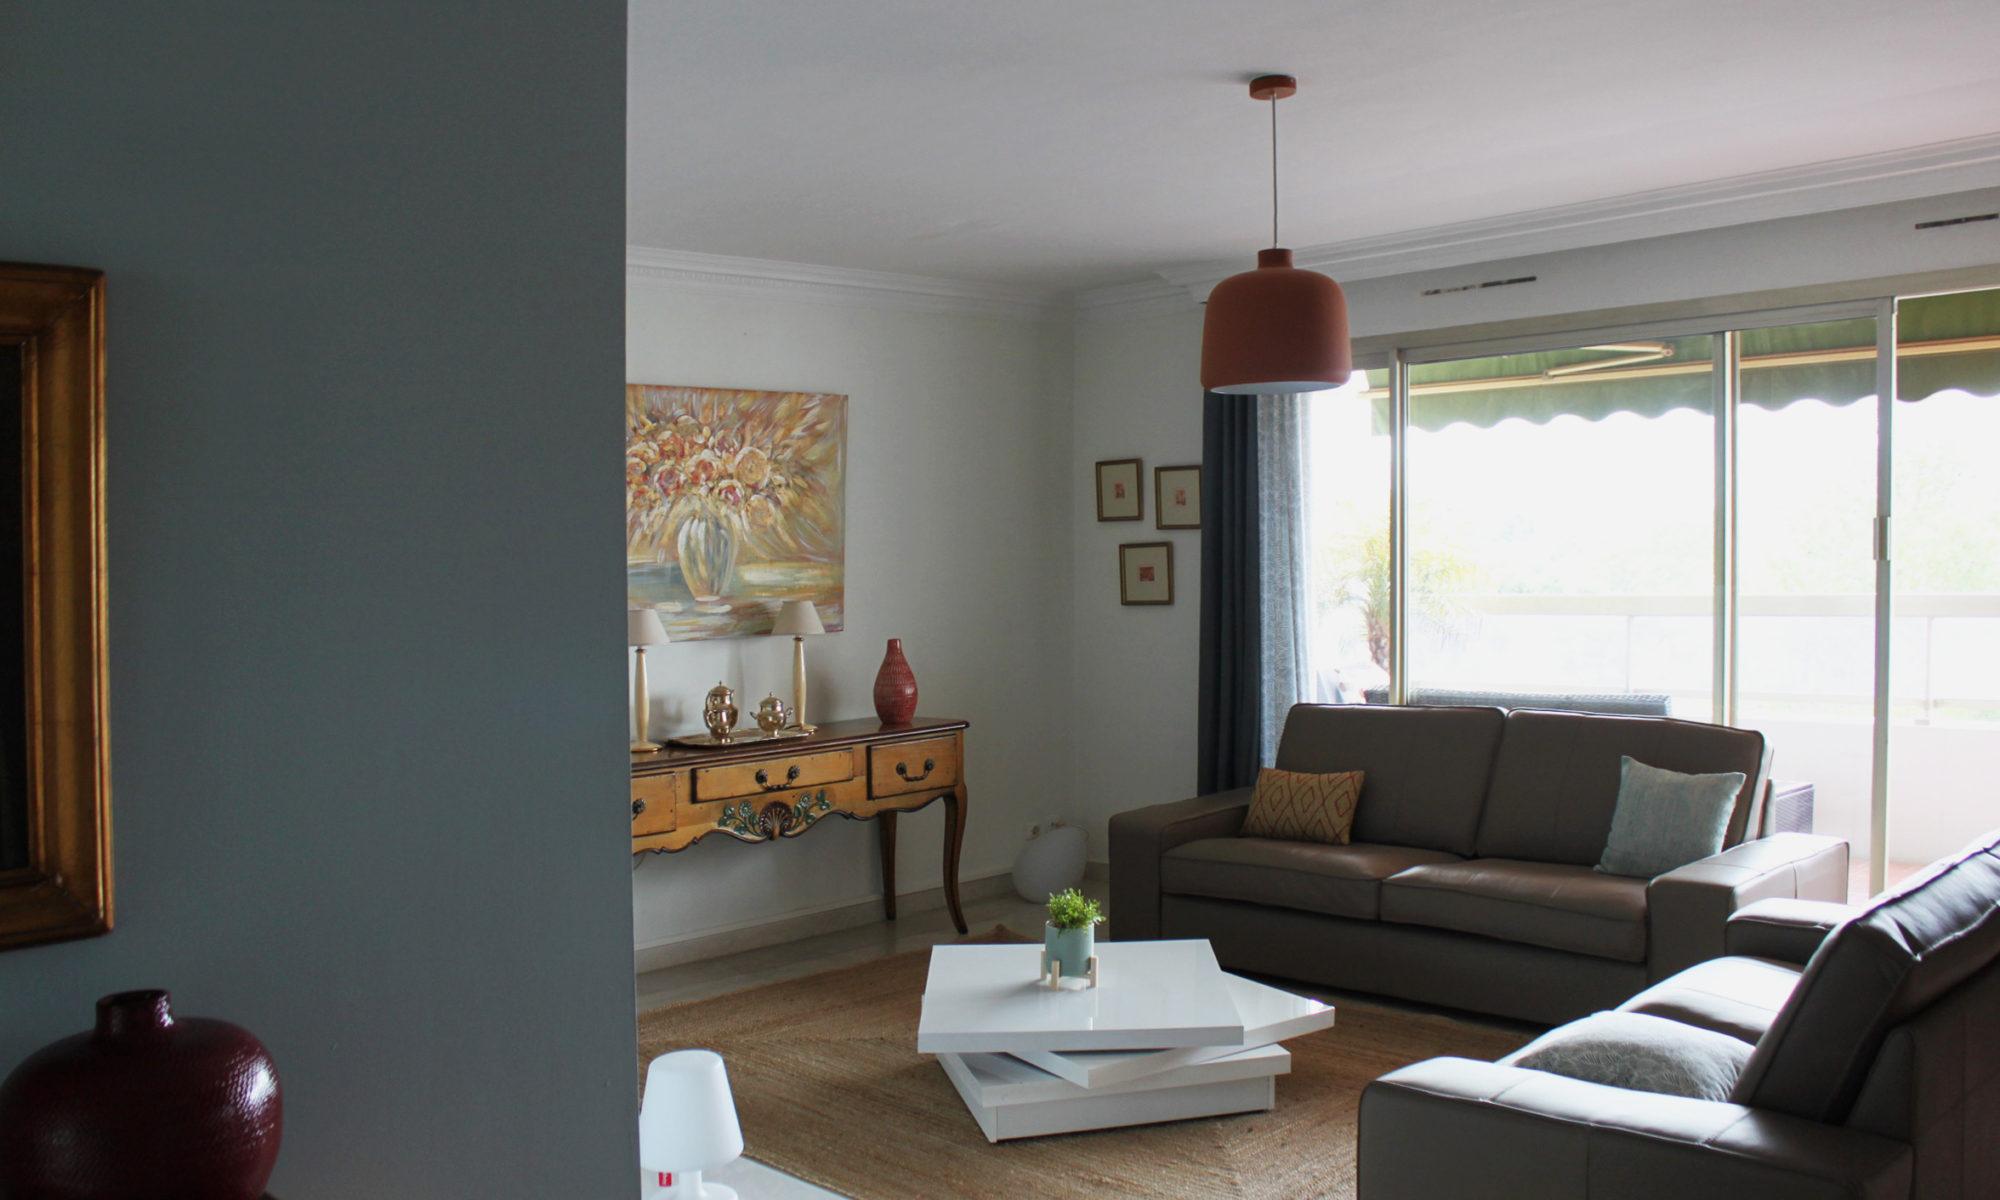 Conseil Déco - Salon cosy blue - Clara Orsat - Architecture Intérieure et Décoration intérieure ...